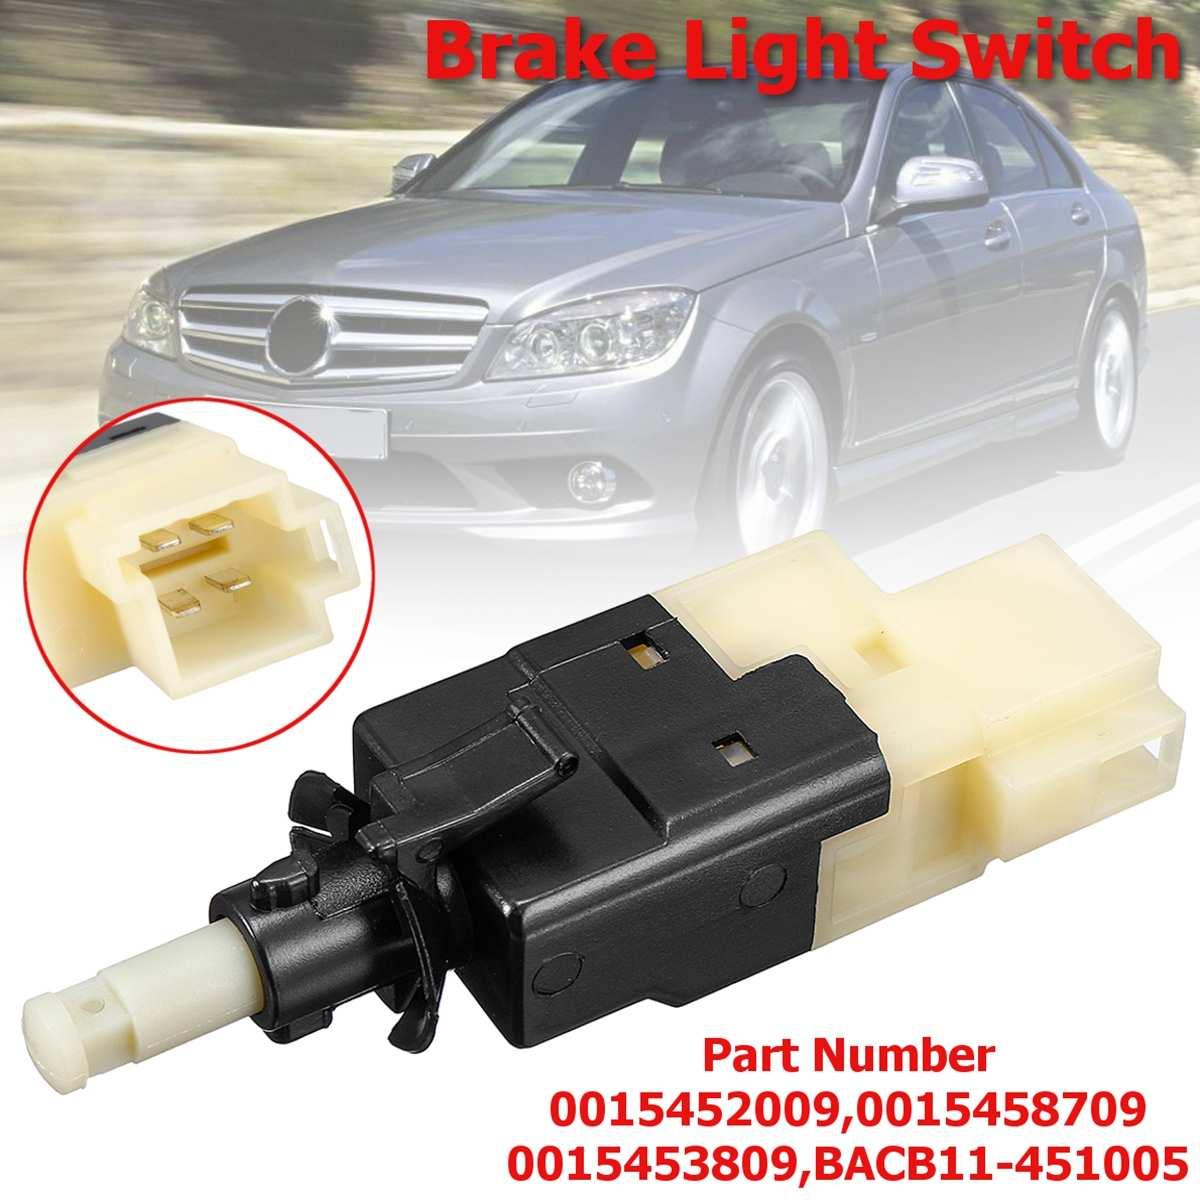 Araba fren ışık anahtarı için Benz için Mercedes için C230 C240 W203 W163 ML320 ML350 ML500 W163 W203 araba 0015452009 0015458709 lambalar